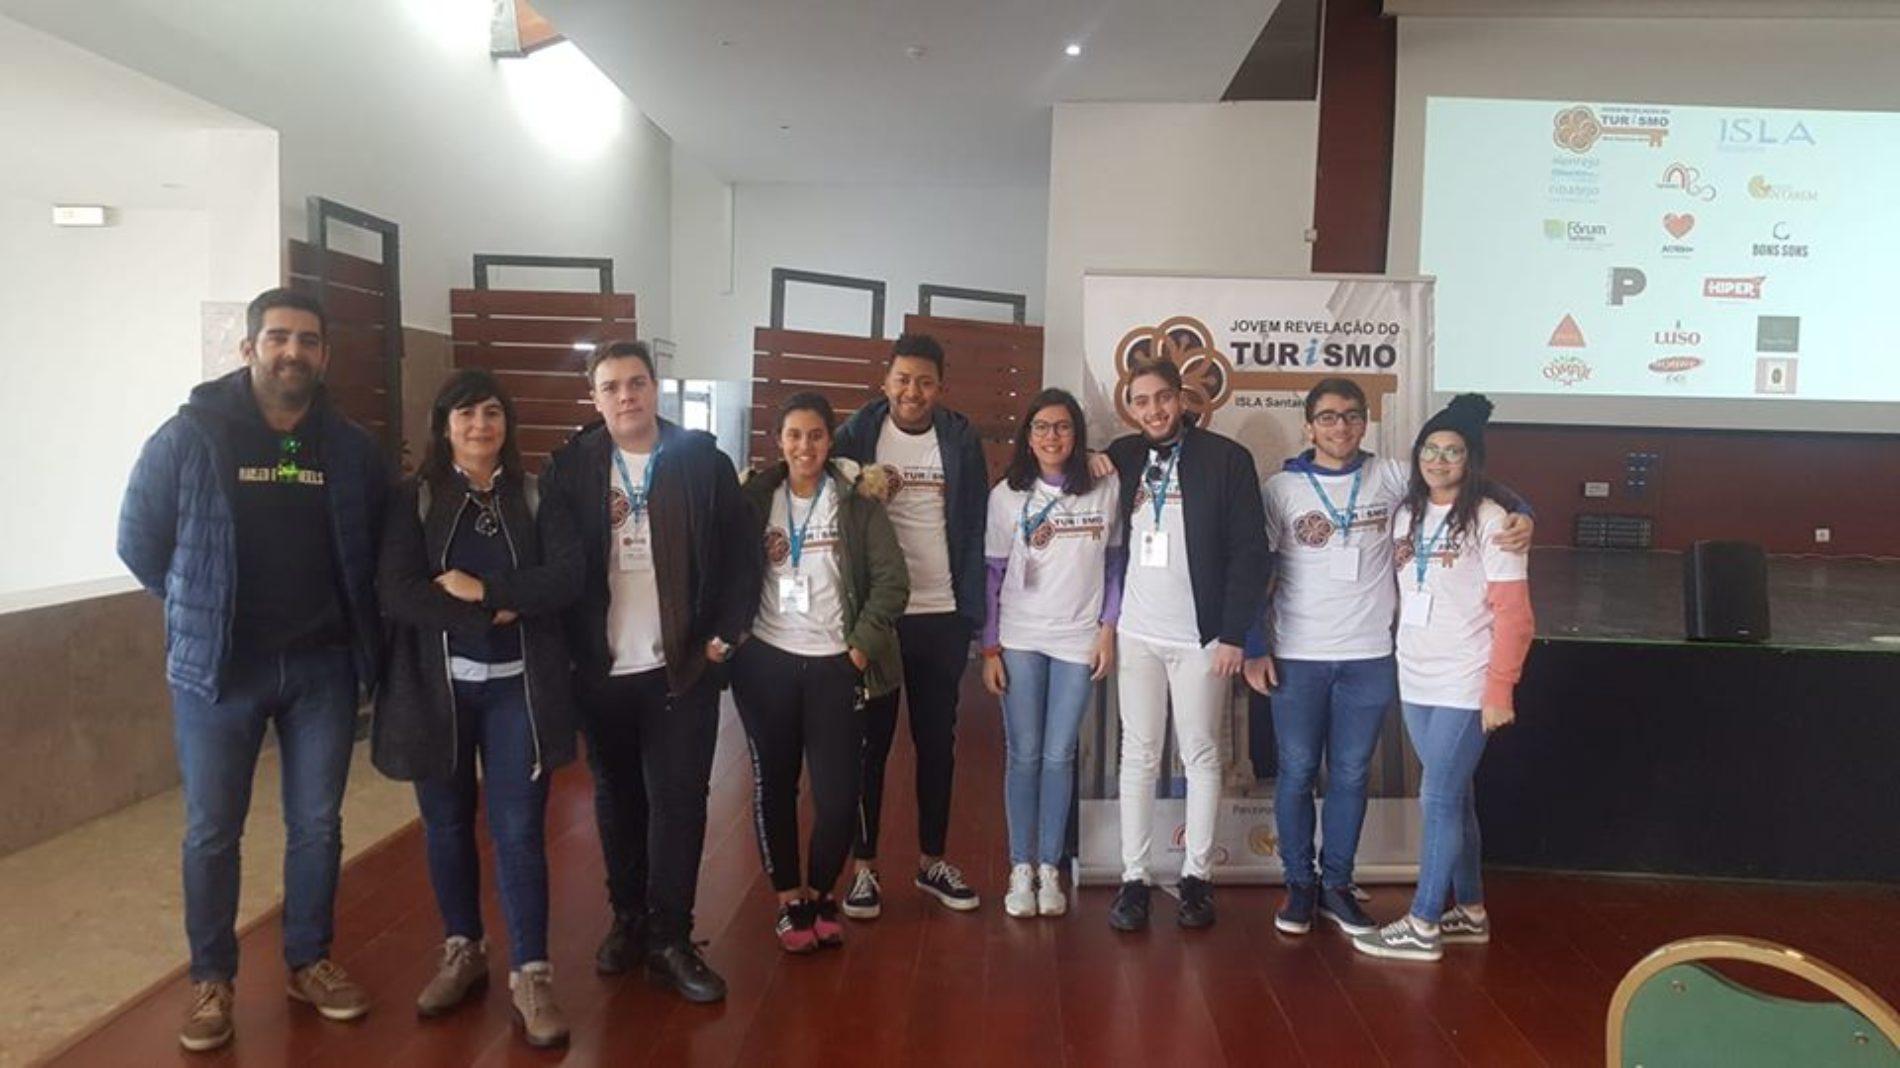 """Eptoliva vence prémio """"Melhor Fotografia"""" no concurso Jovem Revelação do Turismo 2019"""